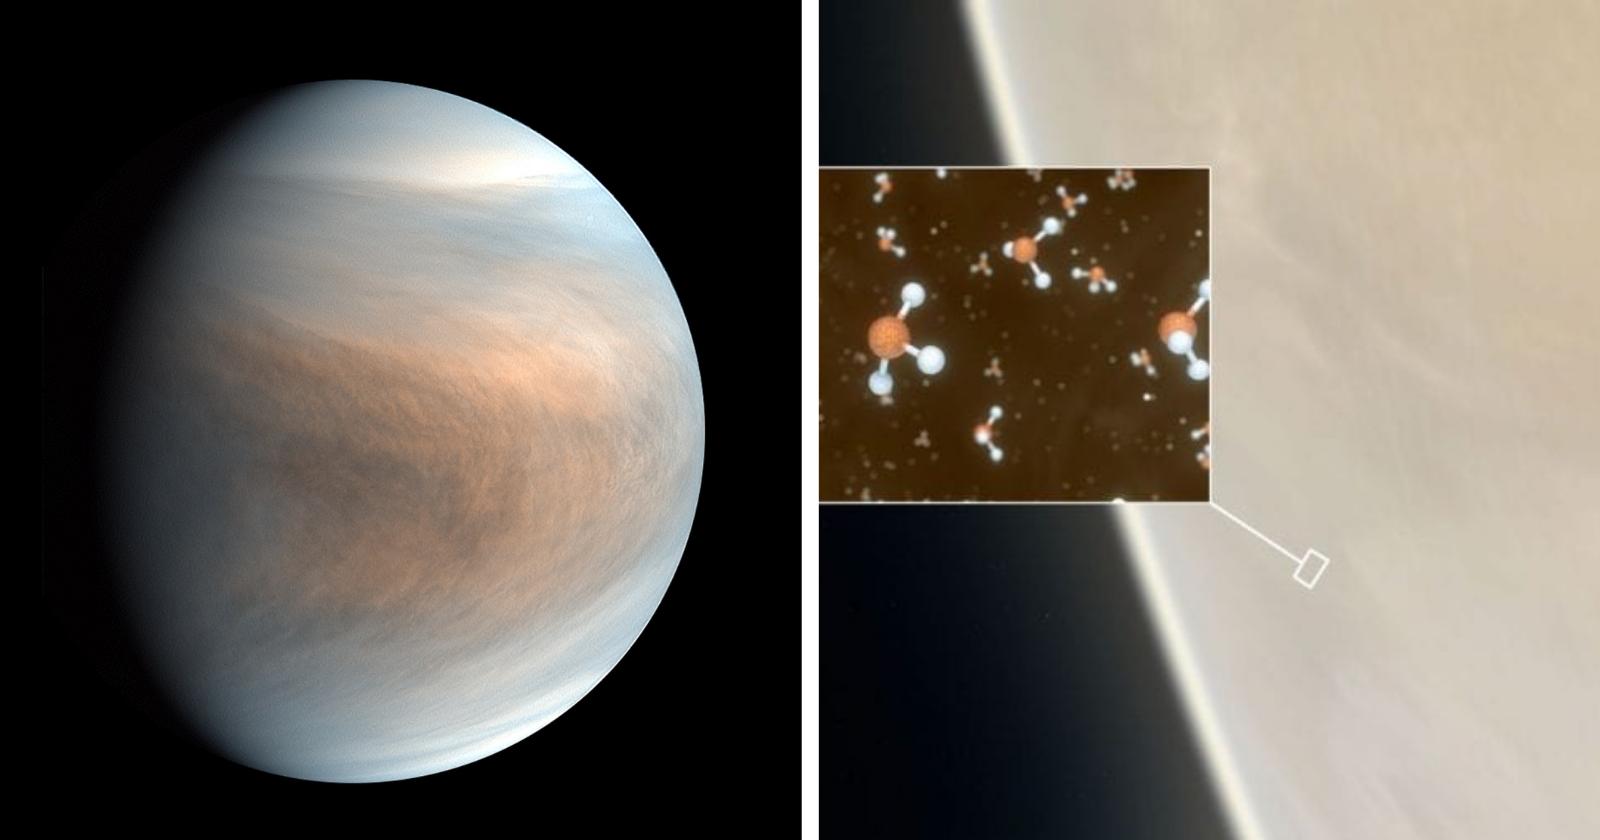 Será que existe mesmo vida extraterrestre em Vênus? Cientistas esclarecem que...